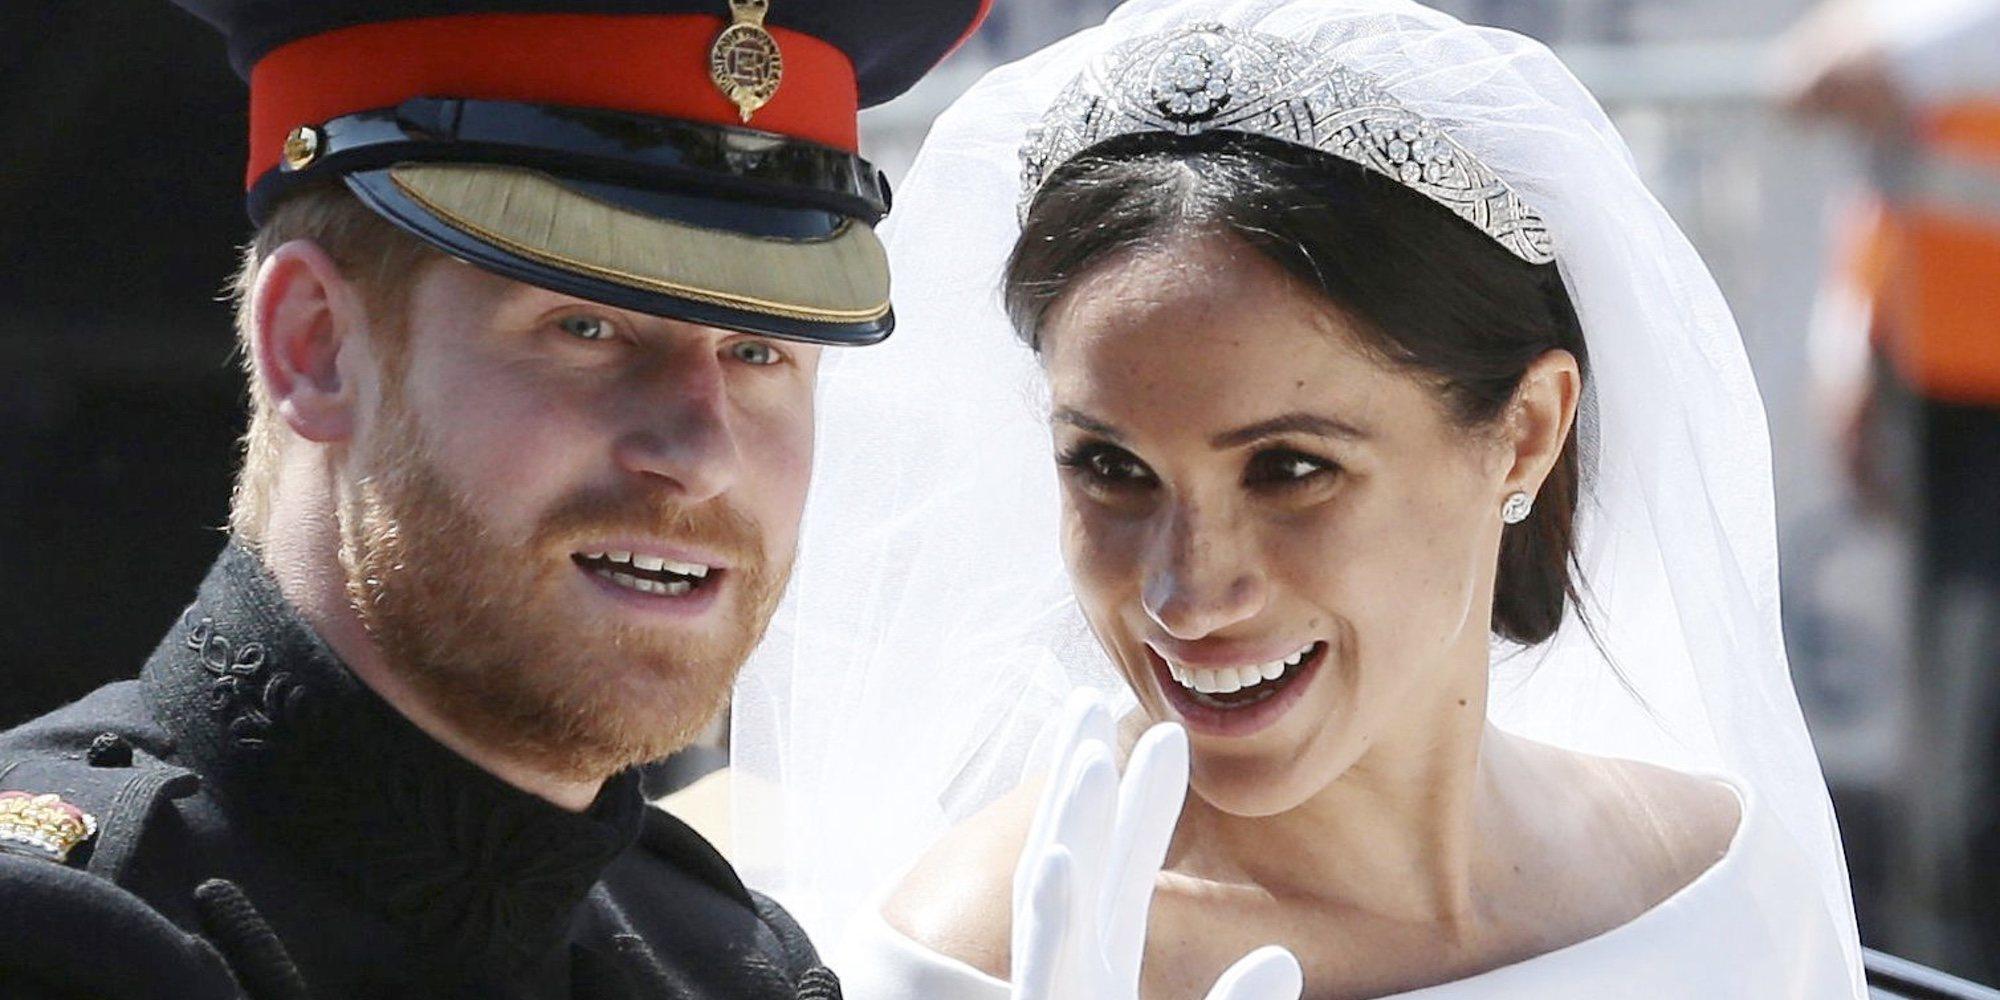 Jaime Peñafiel critica a Meghan Markle por su origen y revela que fue la Reina Isabel quien no quiso invitar a la realeza